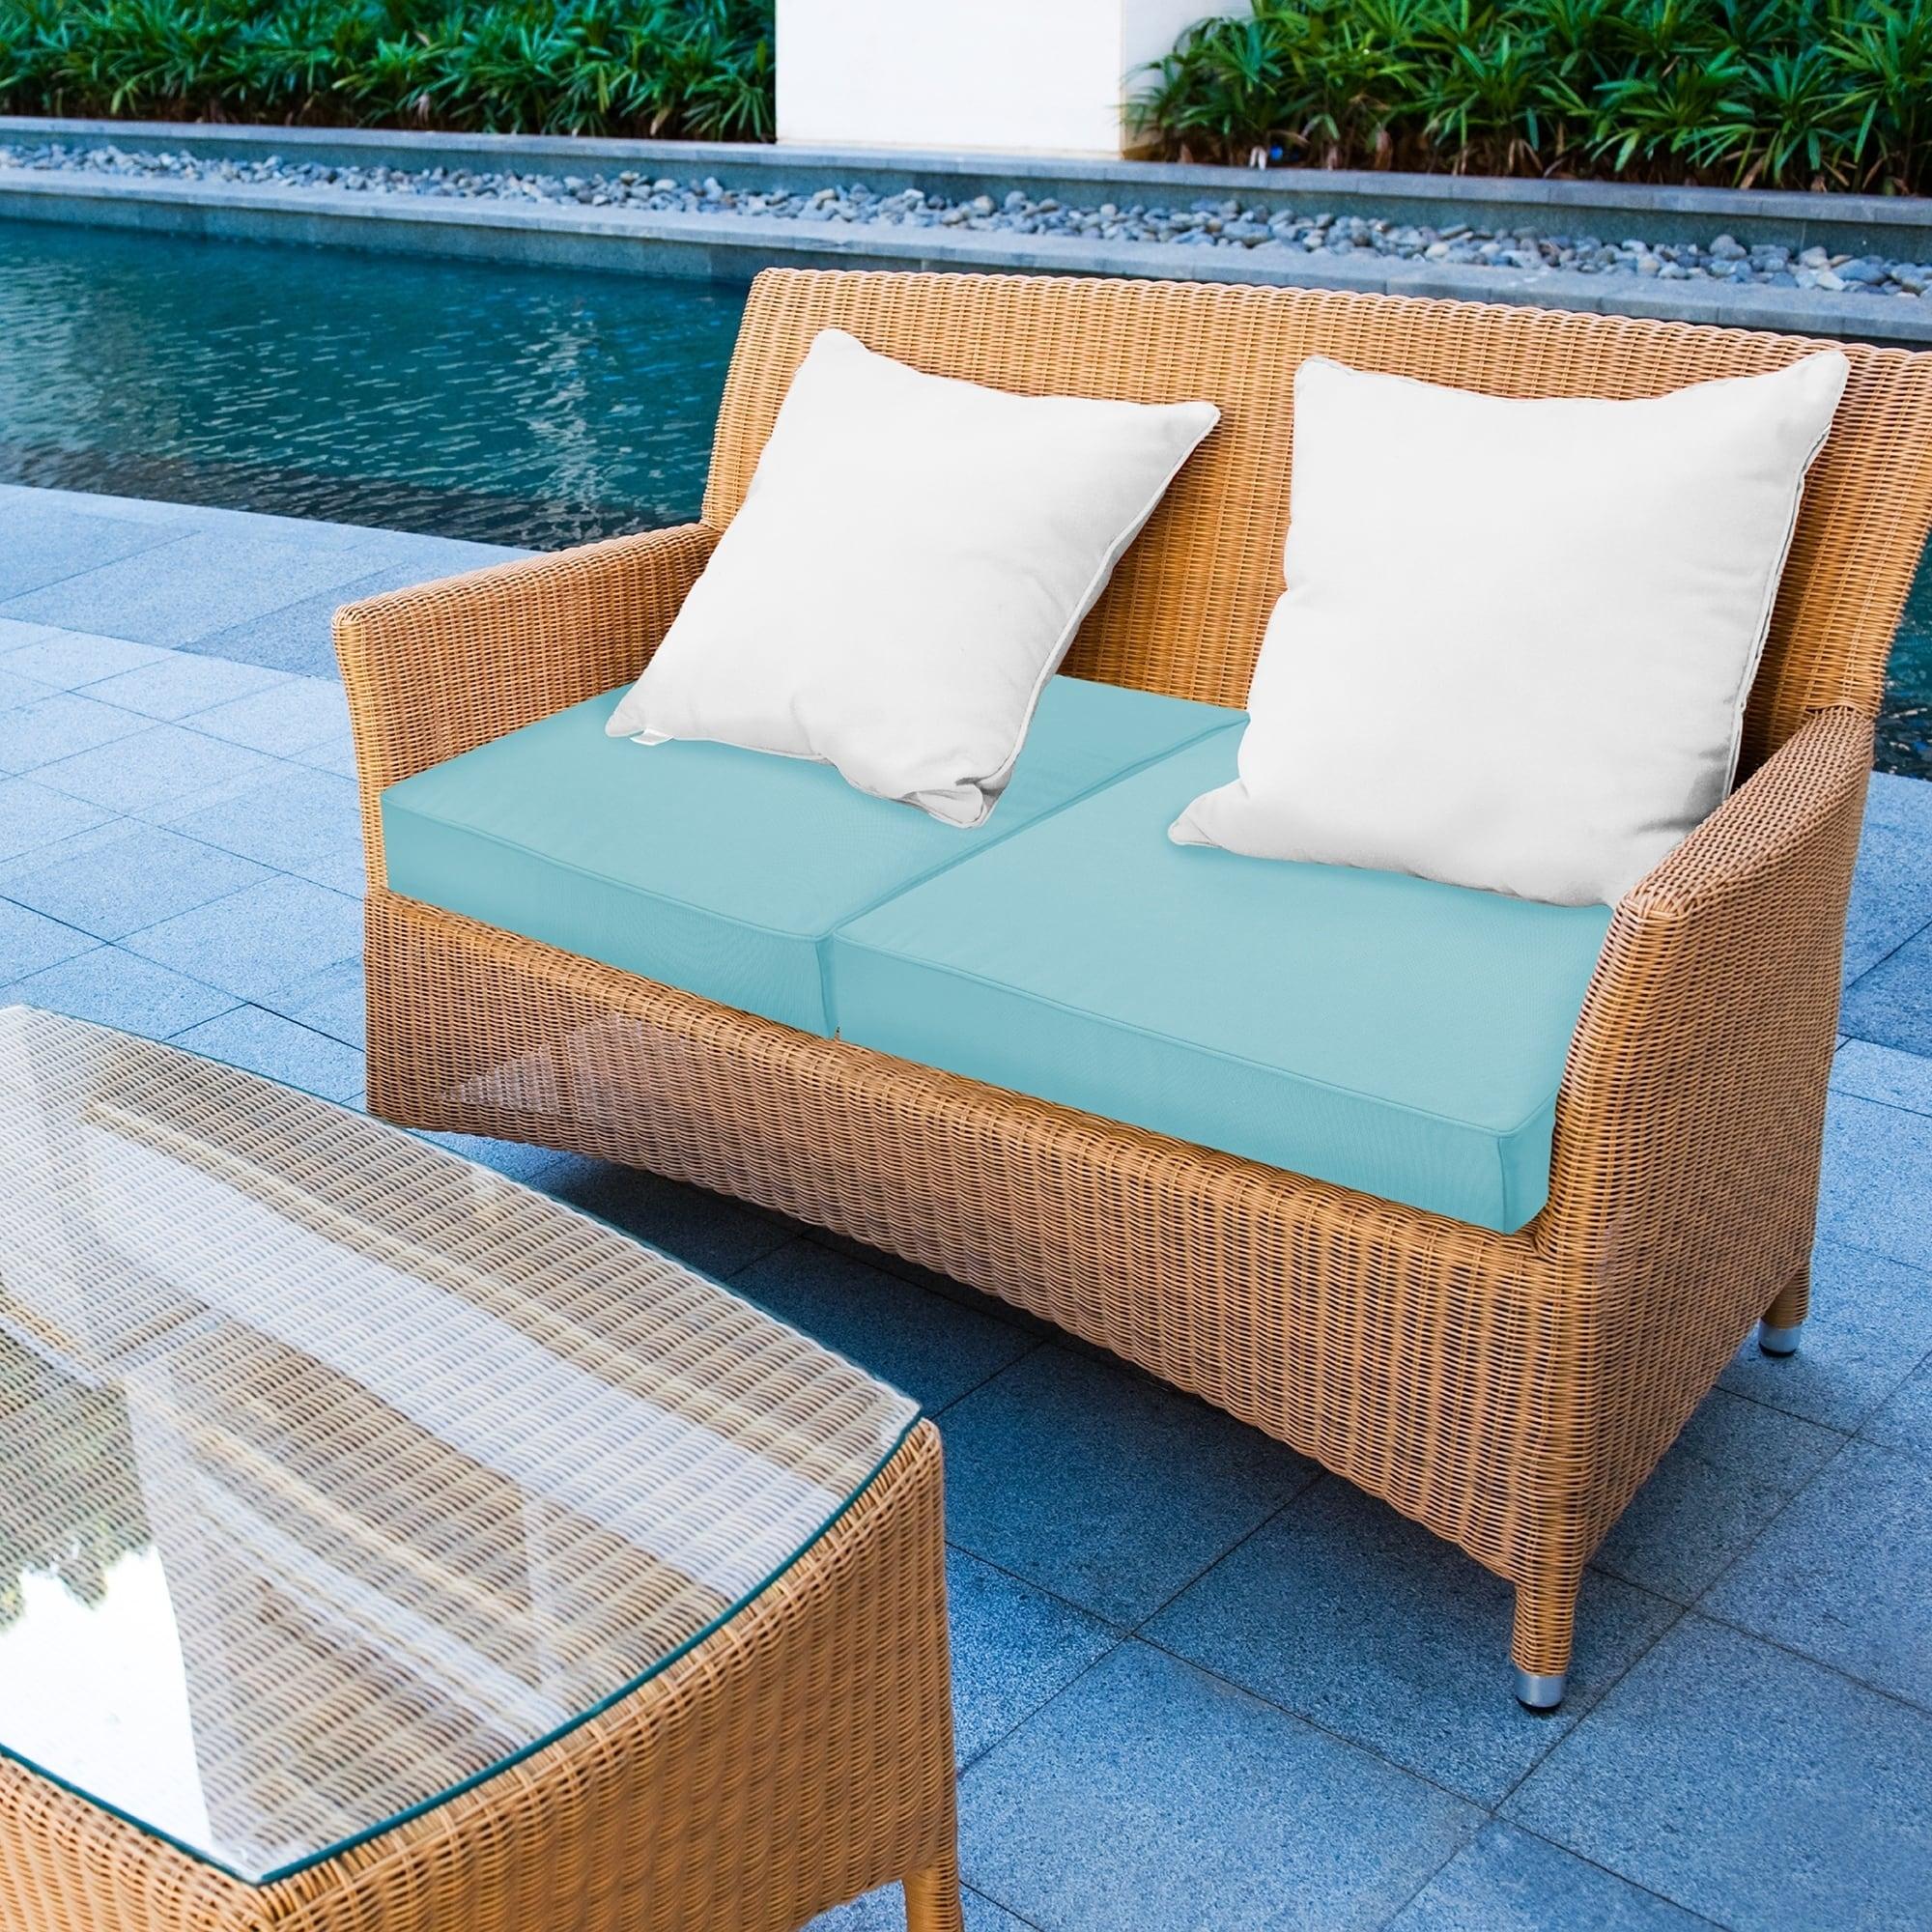 Sensorpedic 24 X 24 Waterproof Sunbrella Memory Foam Seat Cushion 24 X24